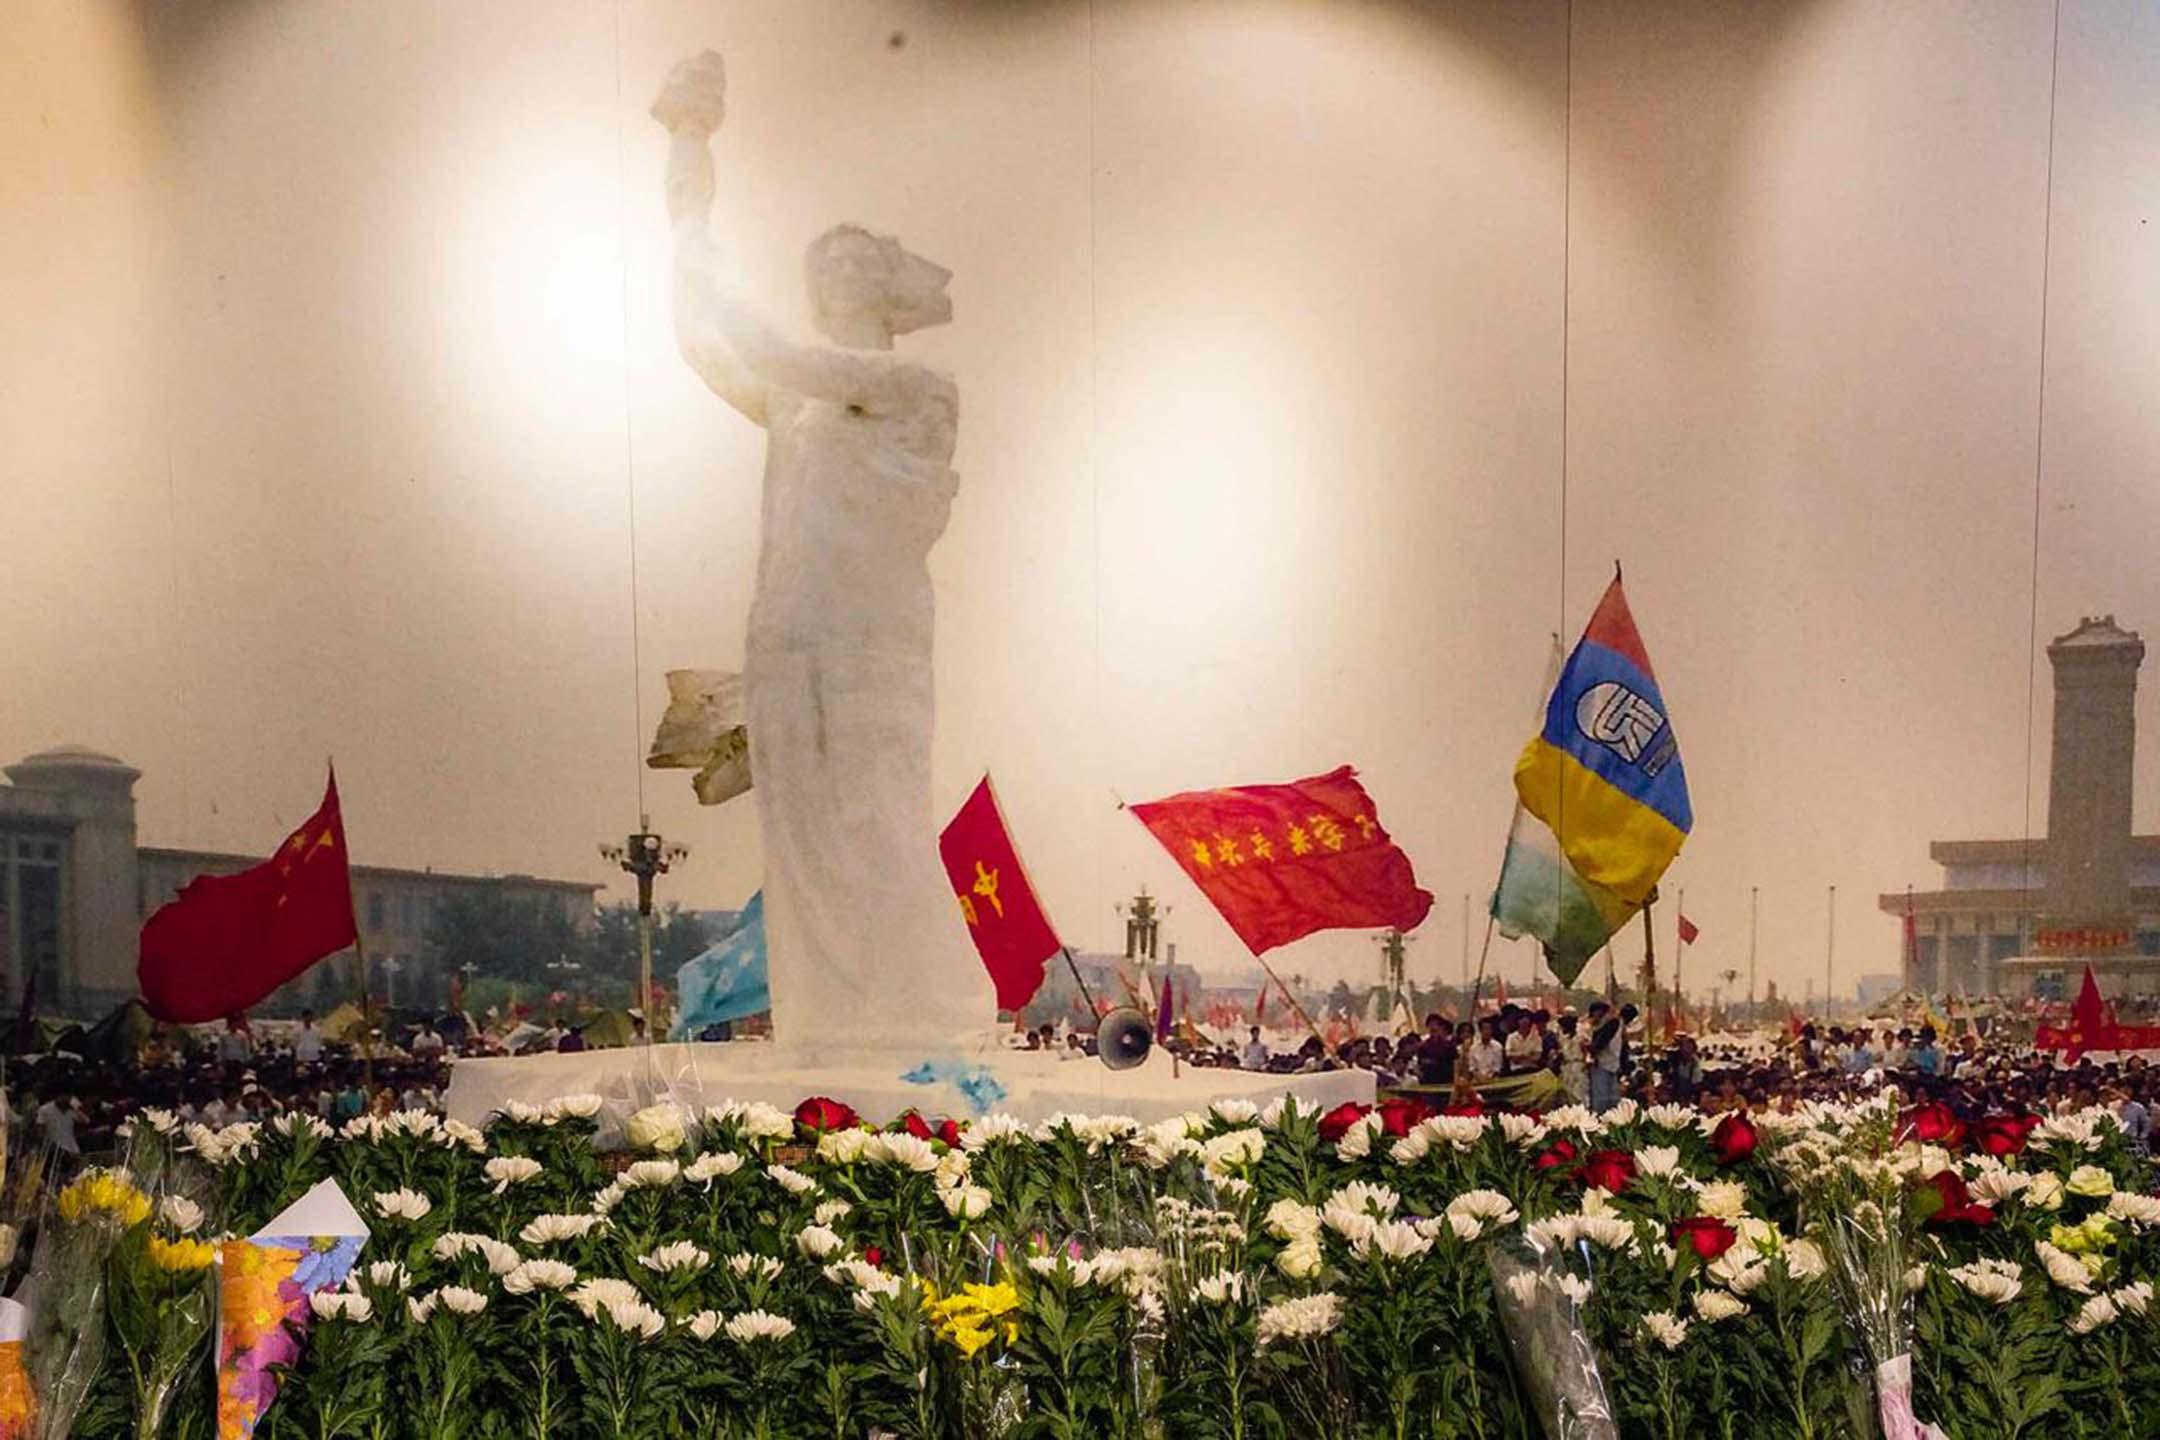 2021年6月2日香港六四紀念館,館內市民放滿了悼念的鮮花。 攝:陳焯煇/端傳媒